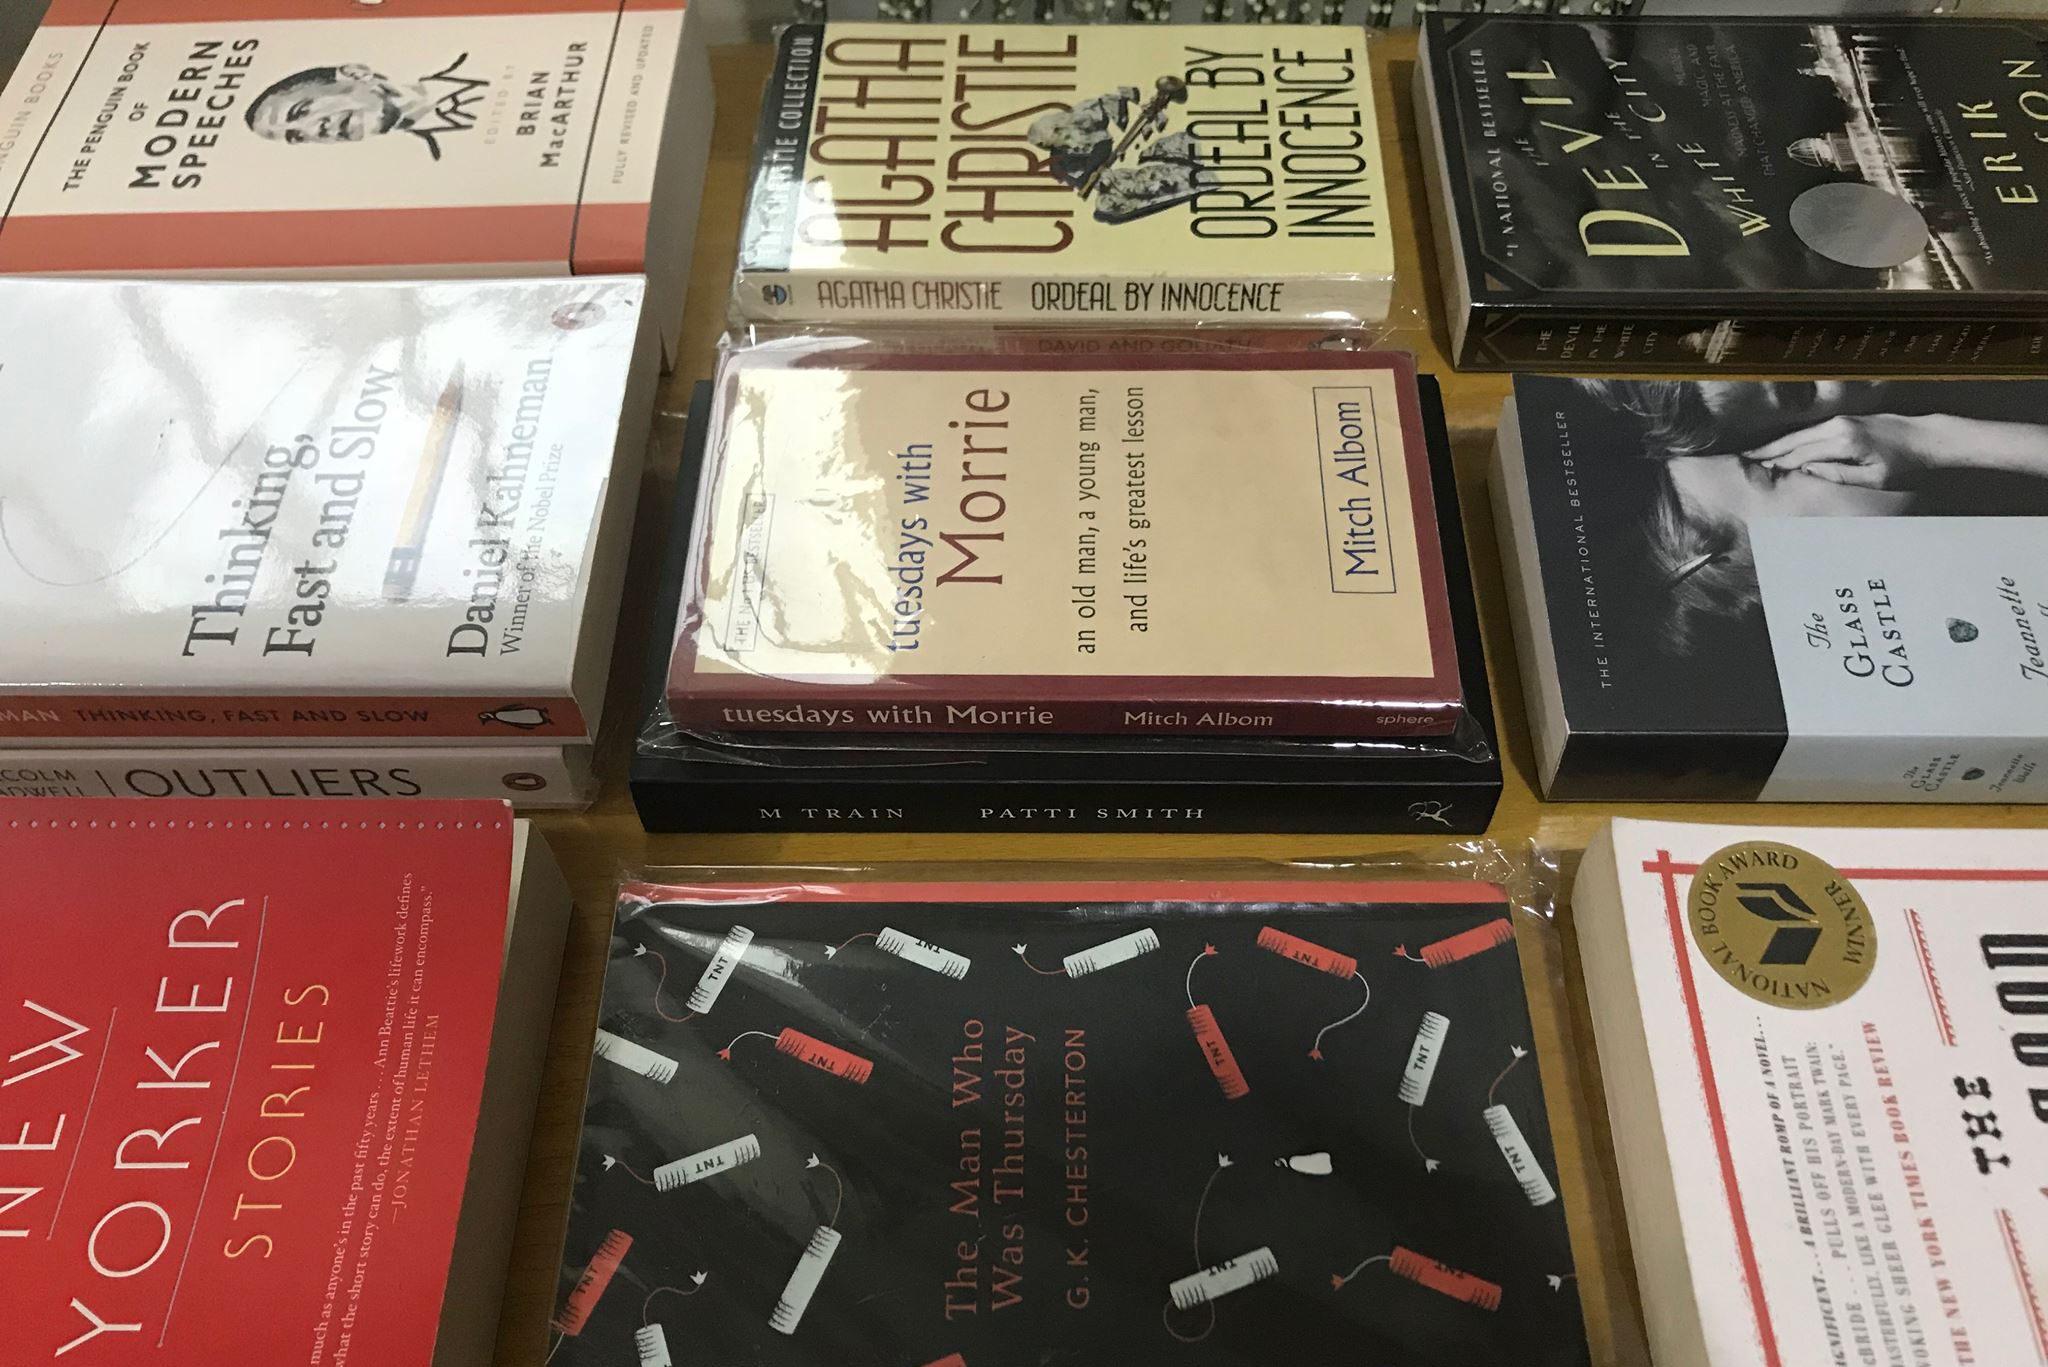 ร้านหนังสือภาษาอังกฤษมือสอง